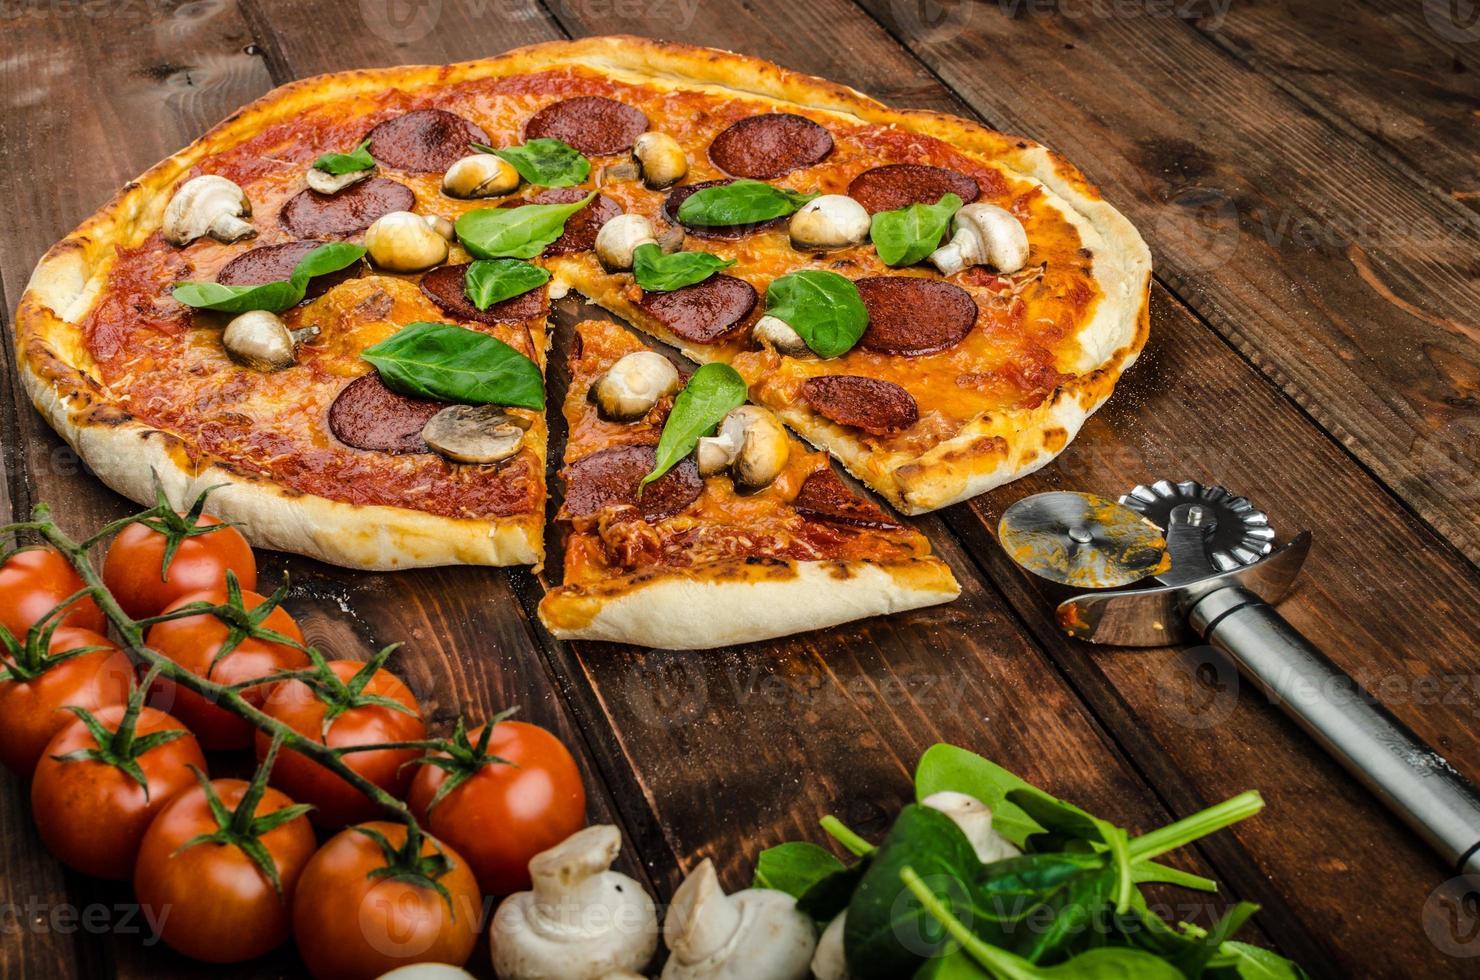 pizza rustica con salame, mozzarella e spinaci foto